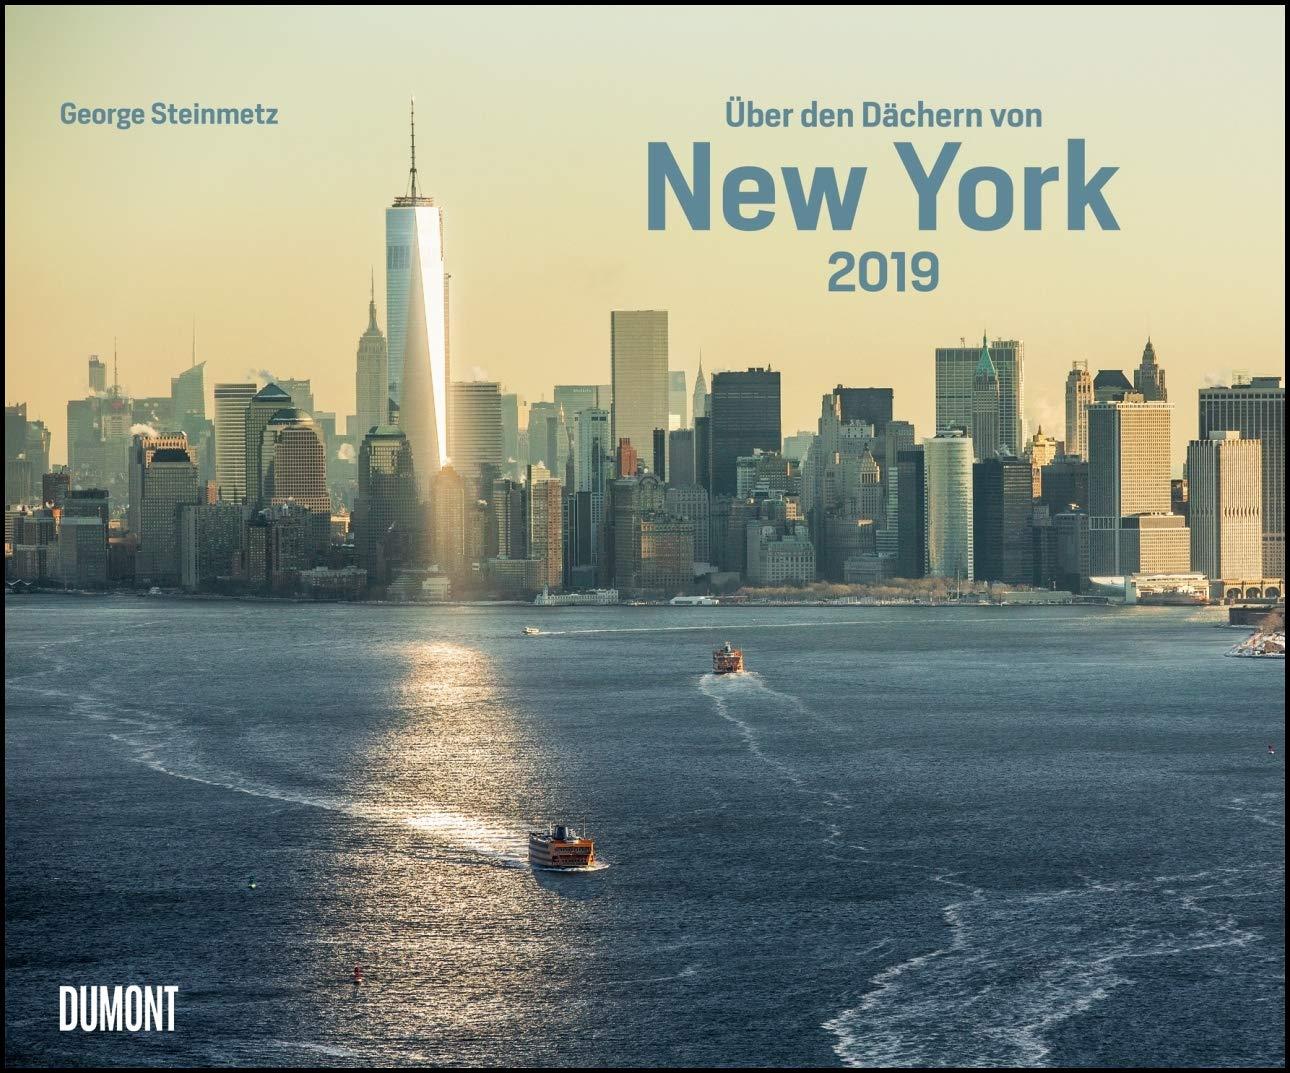 Über den Dächern von New York 2019 – Städte-Reise-Kalender – Querformat 58,4 x 48,5 cm – Spiralbindung